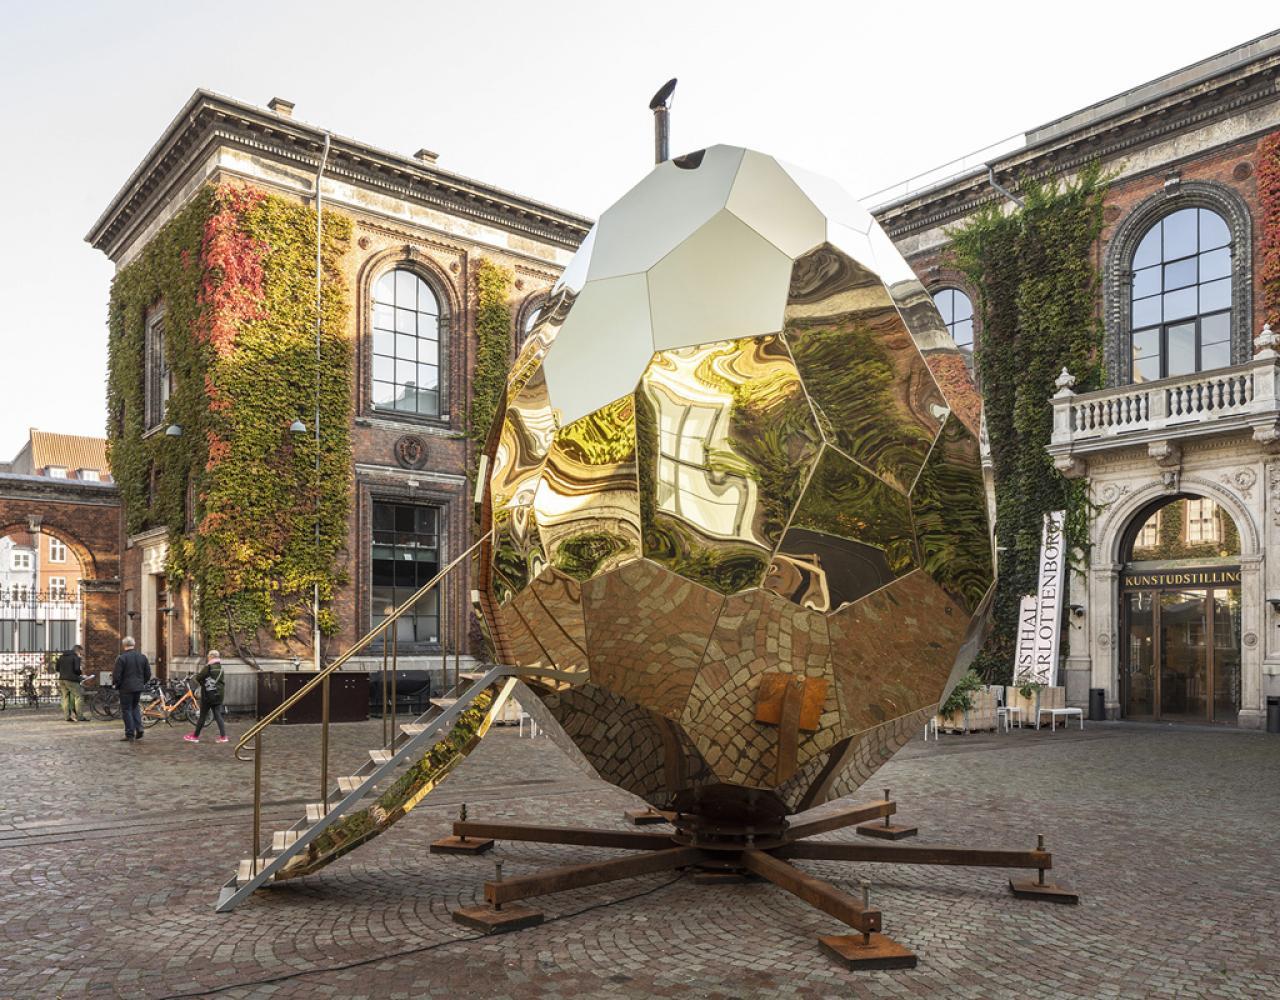 solar egg charlottenborg kunsthal